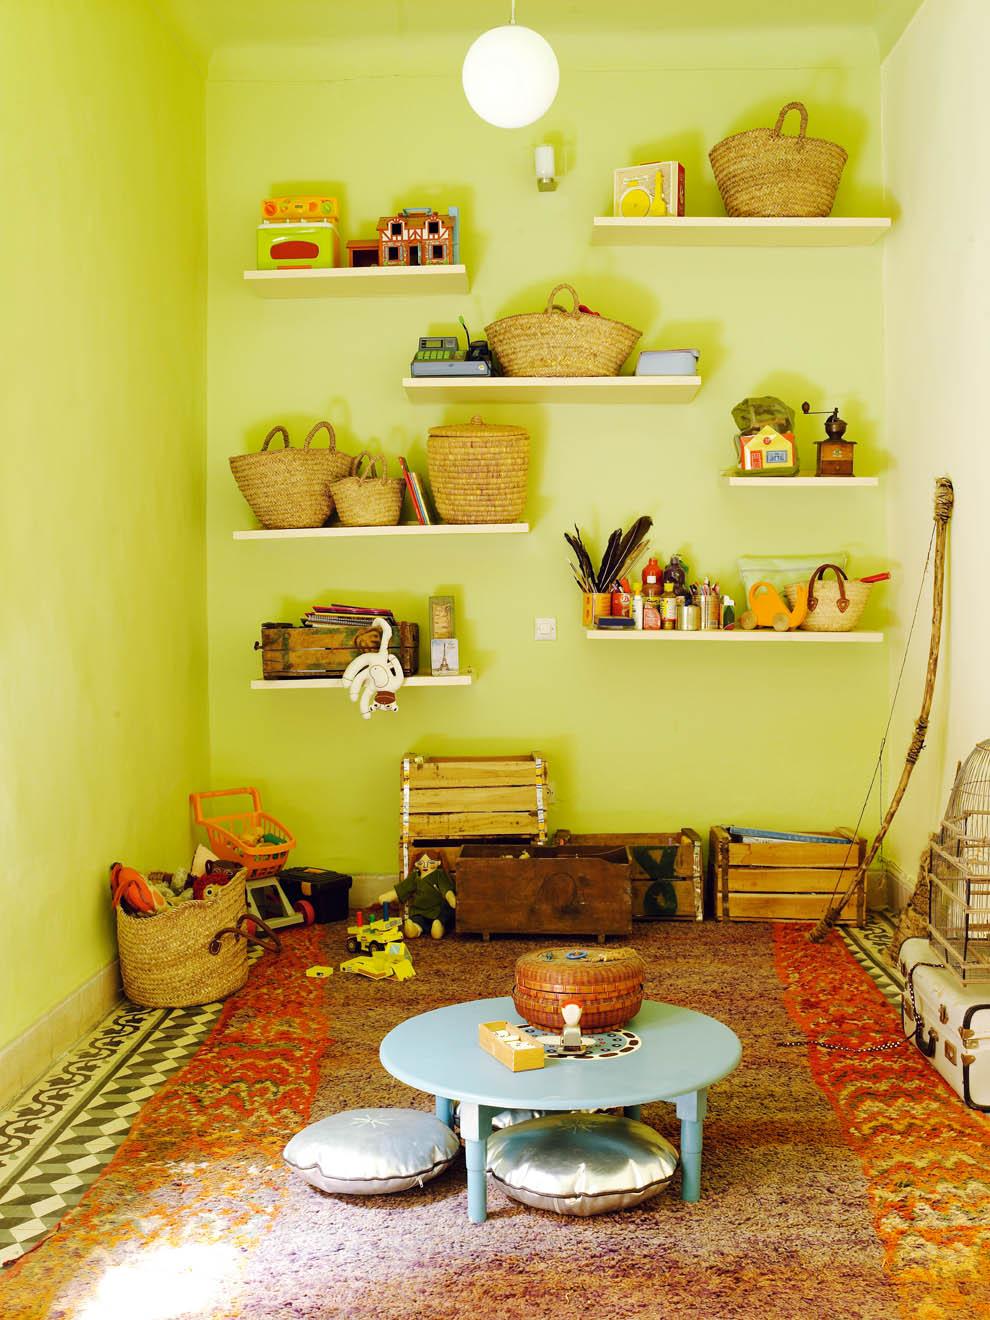 Inspiration déco pour une adorable salle de jeux pour enfants dans cette maison marocaine typique, bohème et colorée. Plus de photos dans l'article !